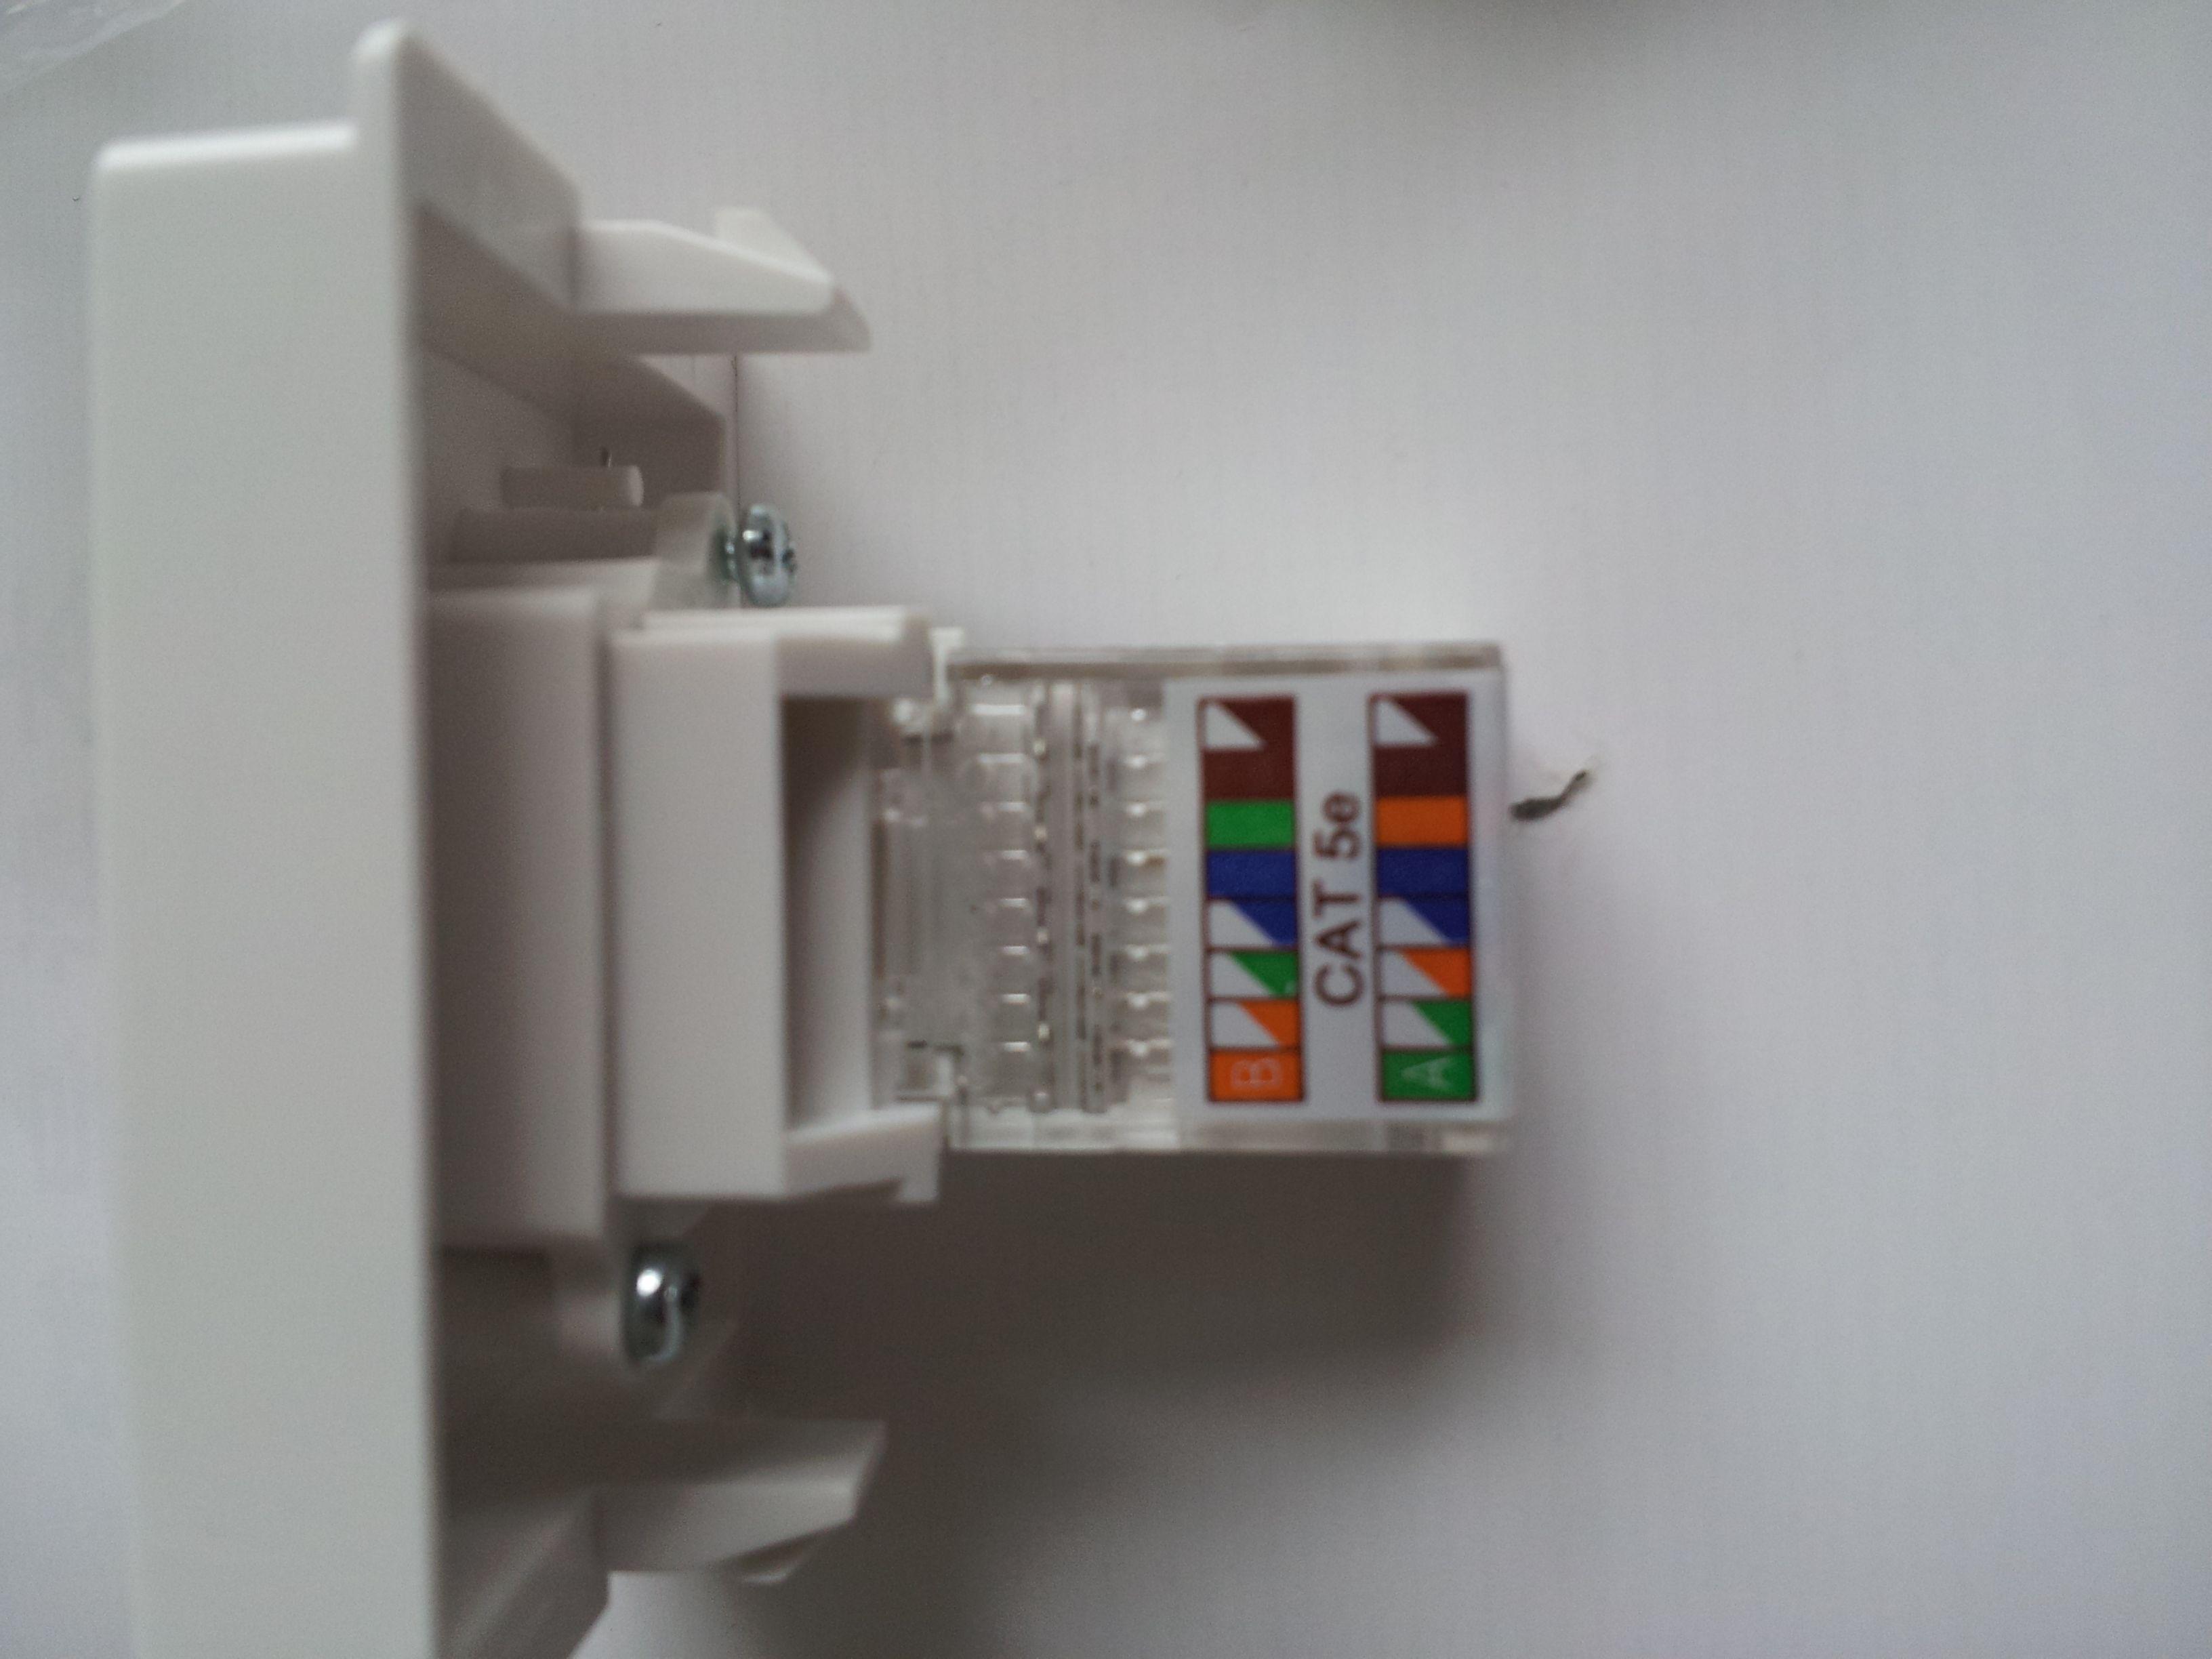 宽带接头_请问这种网线的接头怎么接啊,安装宽带的房间这个插头